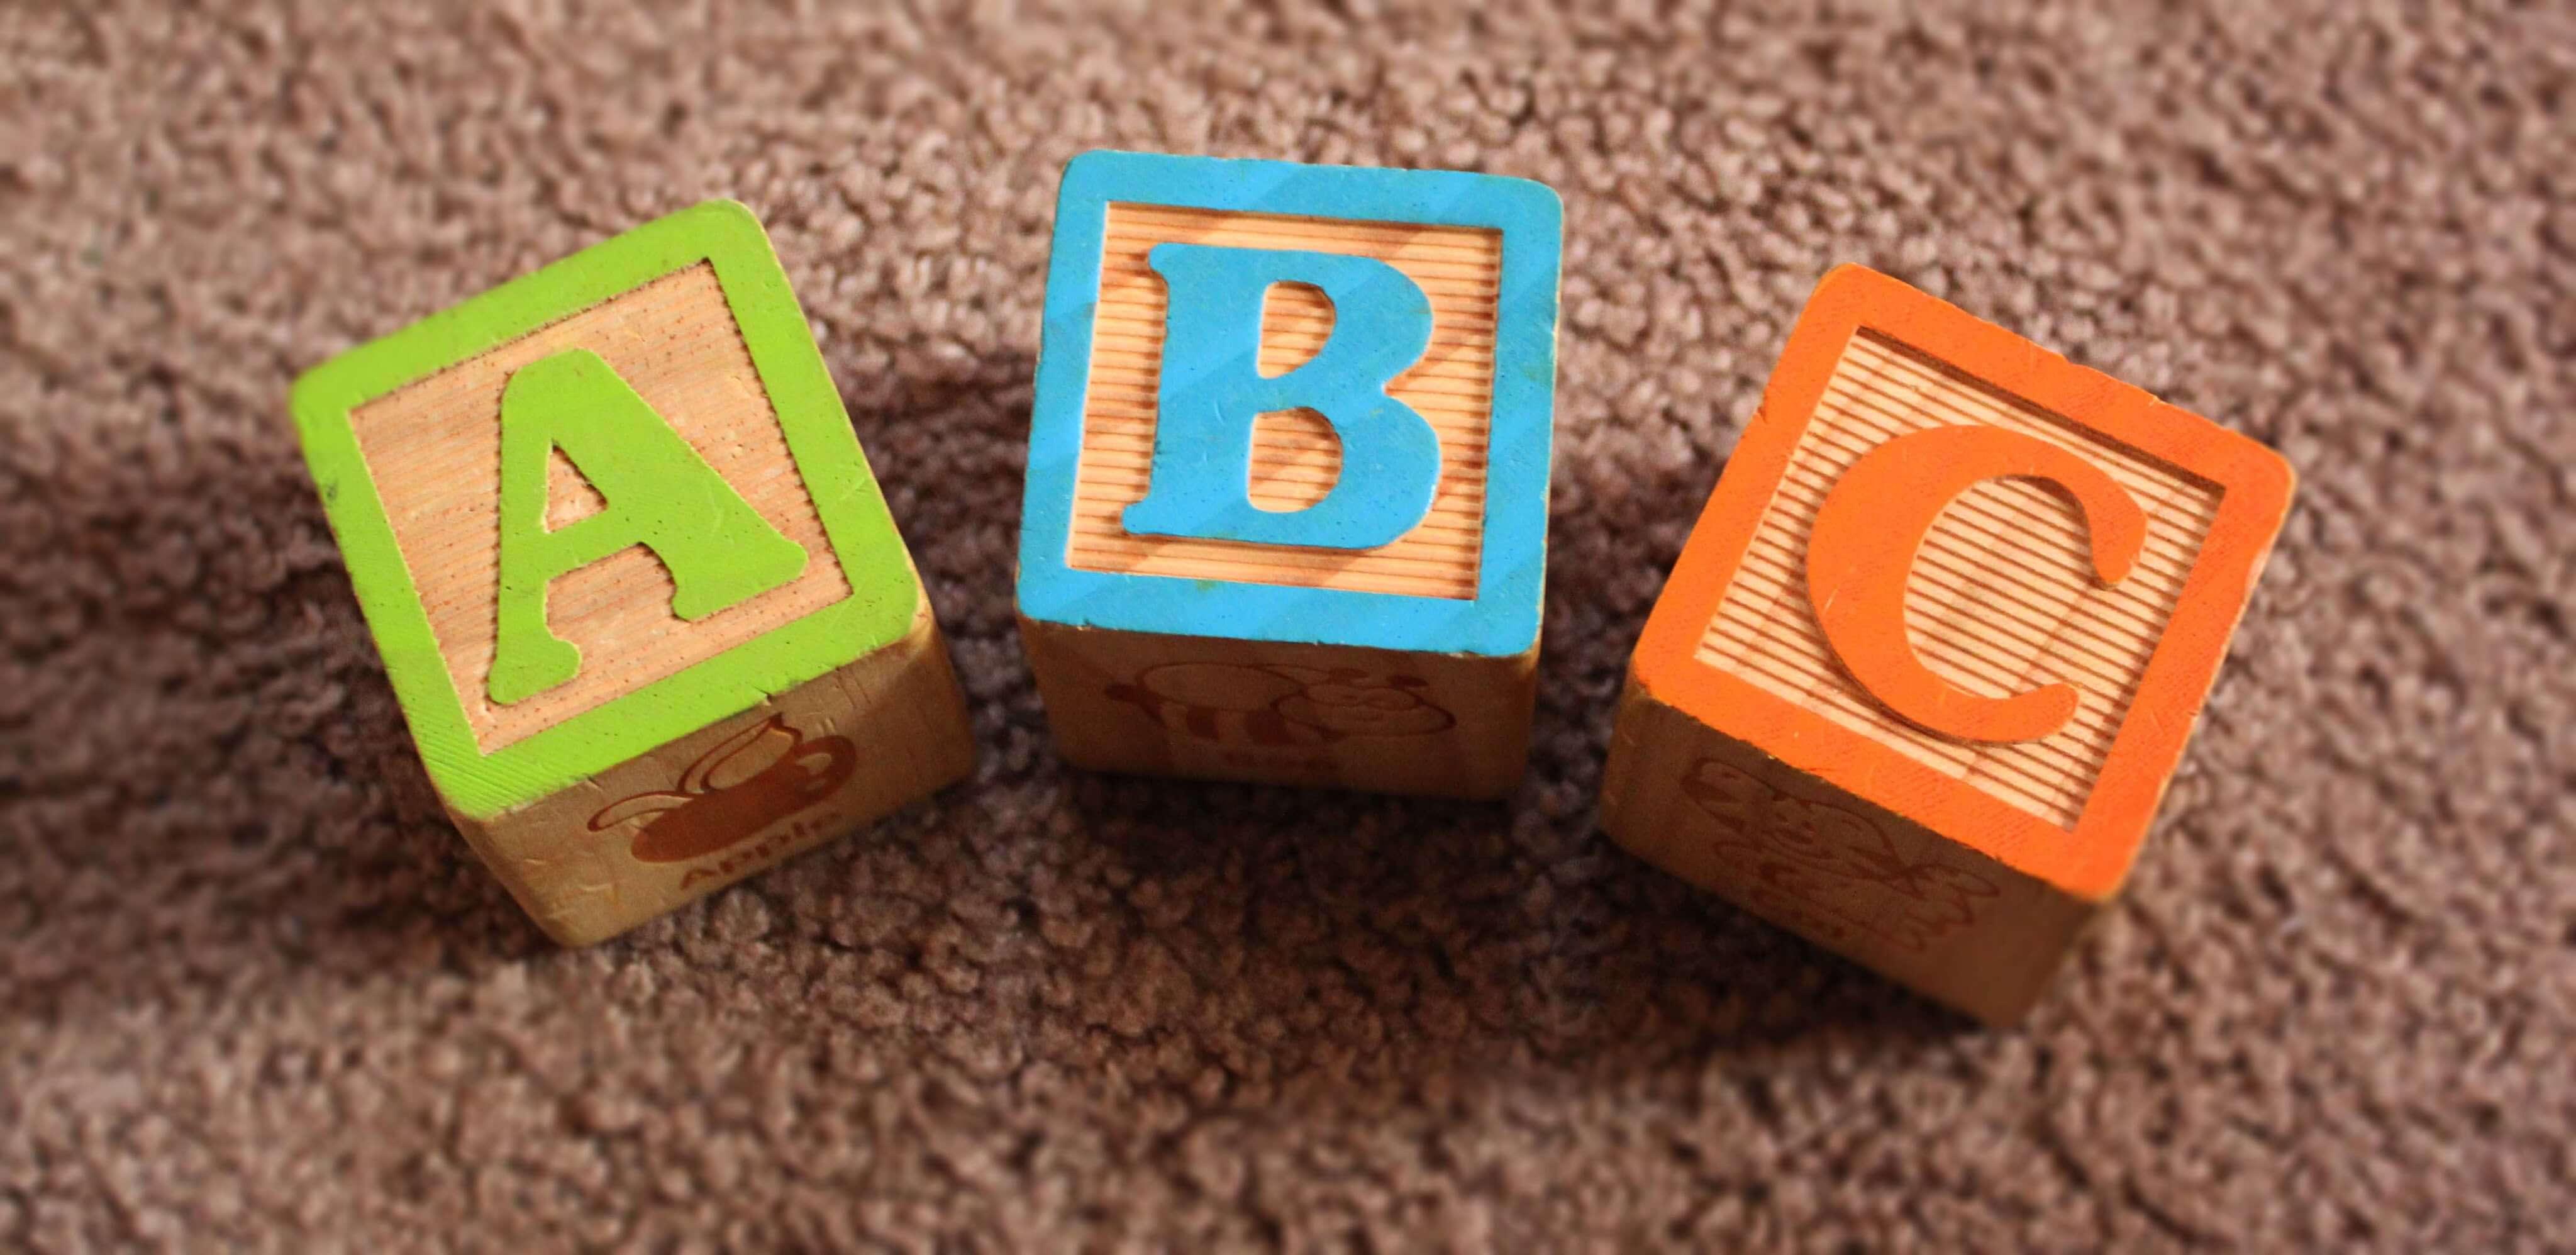 Vad påverkar språkutvecklingen?